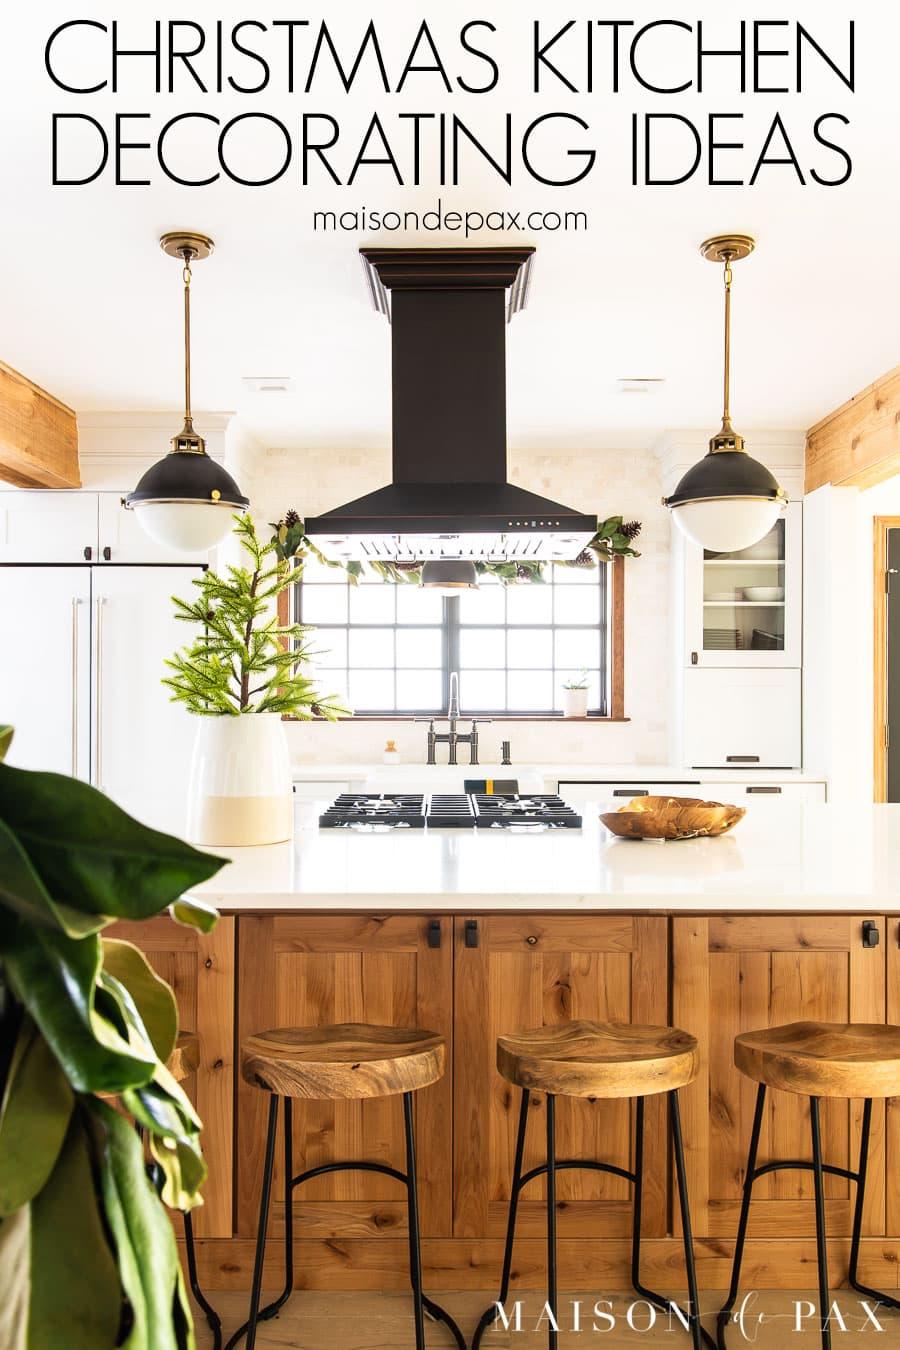 Christmas kitchen decorating inspiration | Maison de Pax